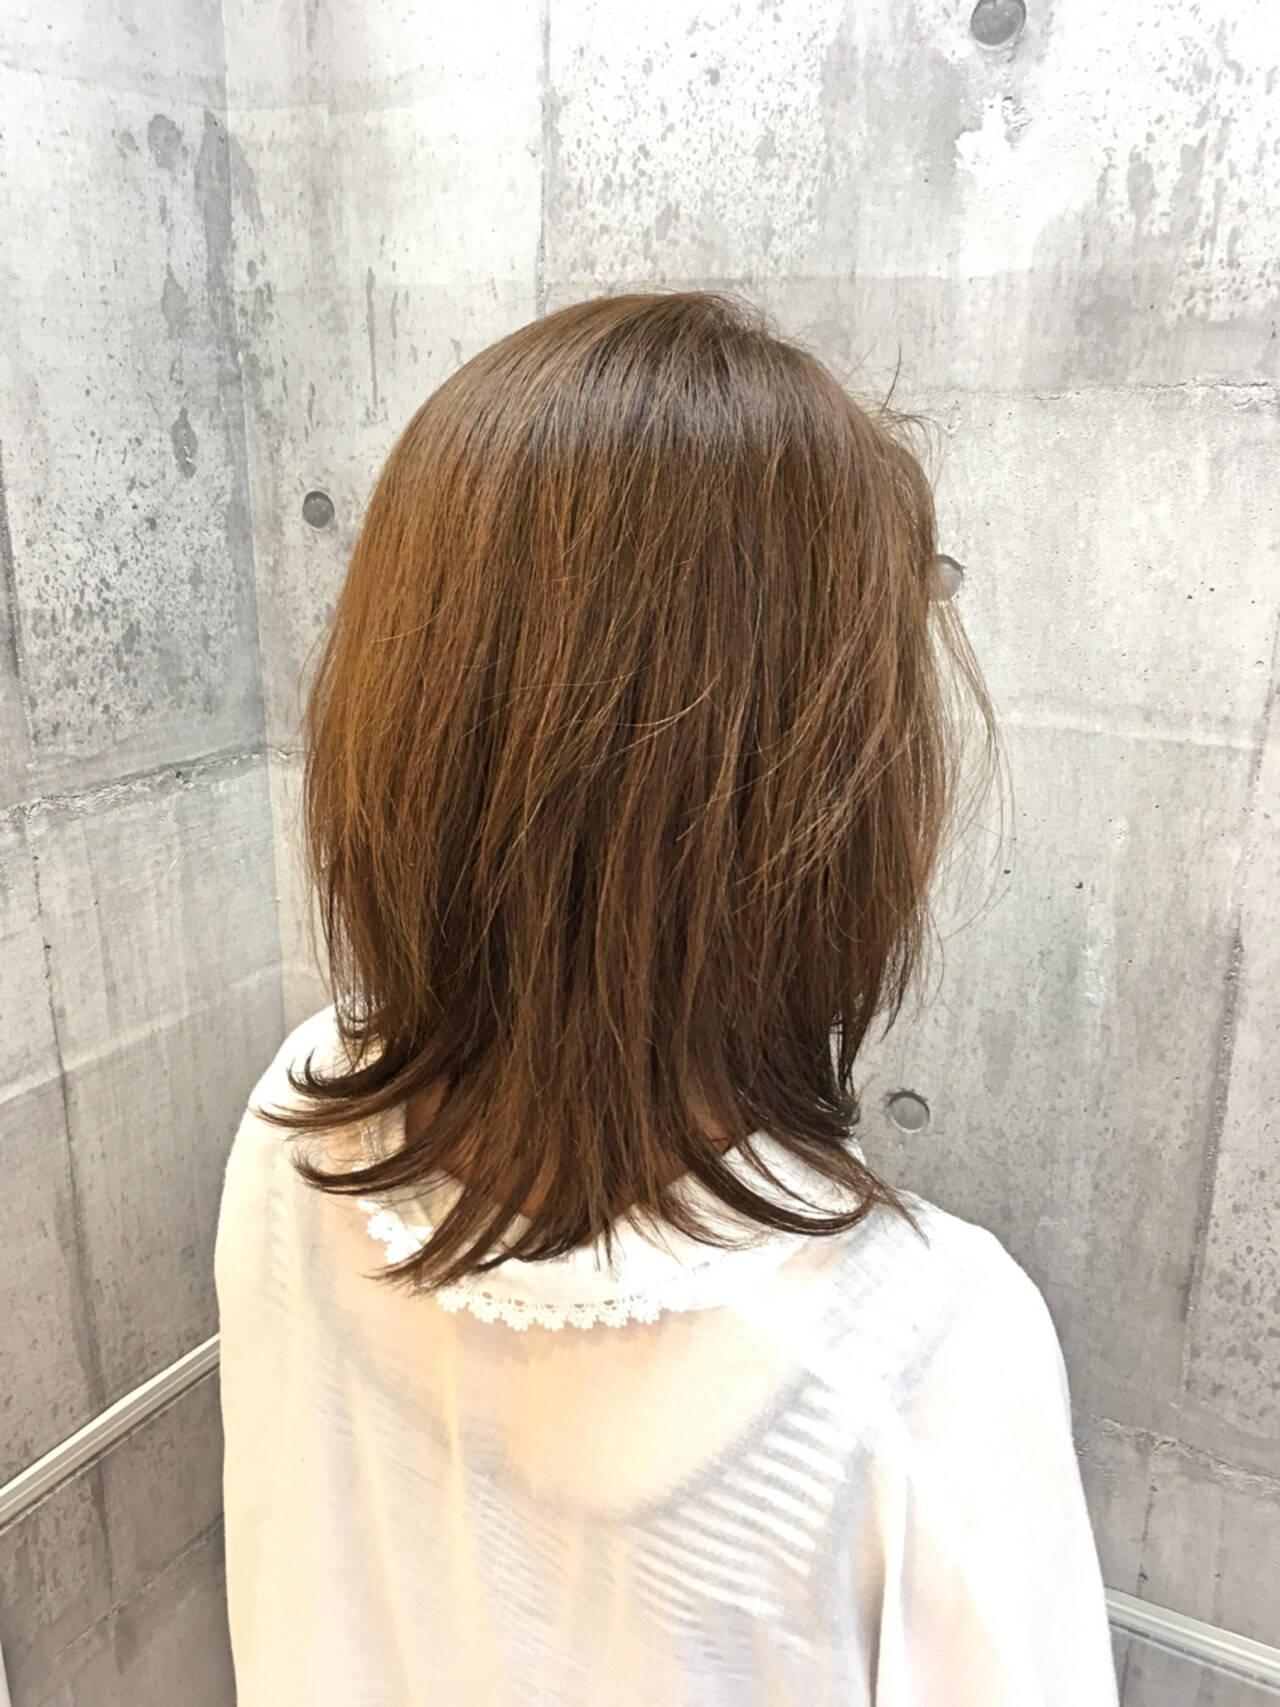 ミディアム イルミナカラー レイヤーカット 透明感ヘアスタイルや髪型の写真・画像